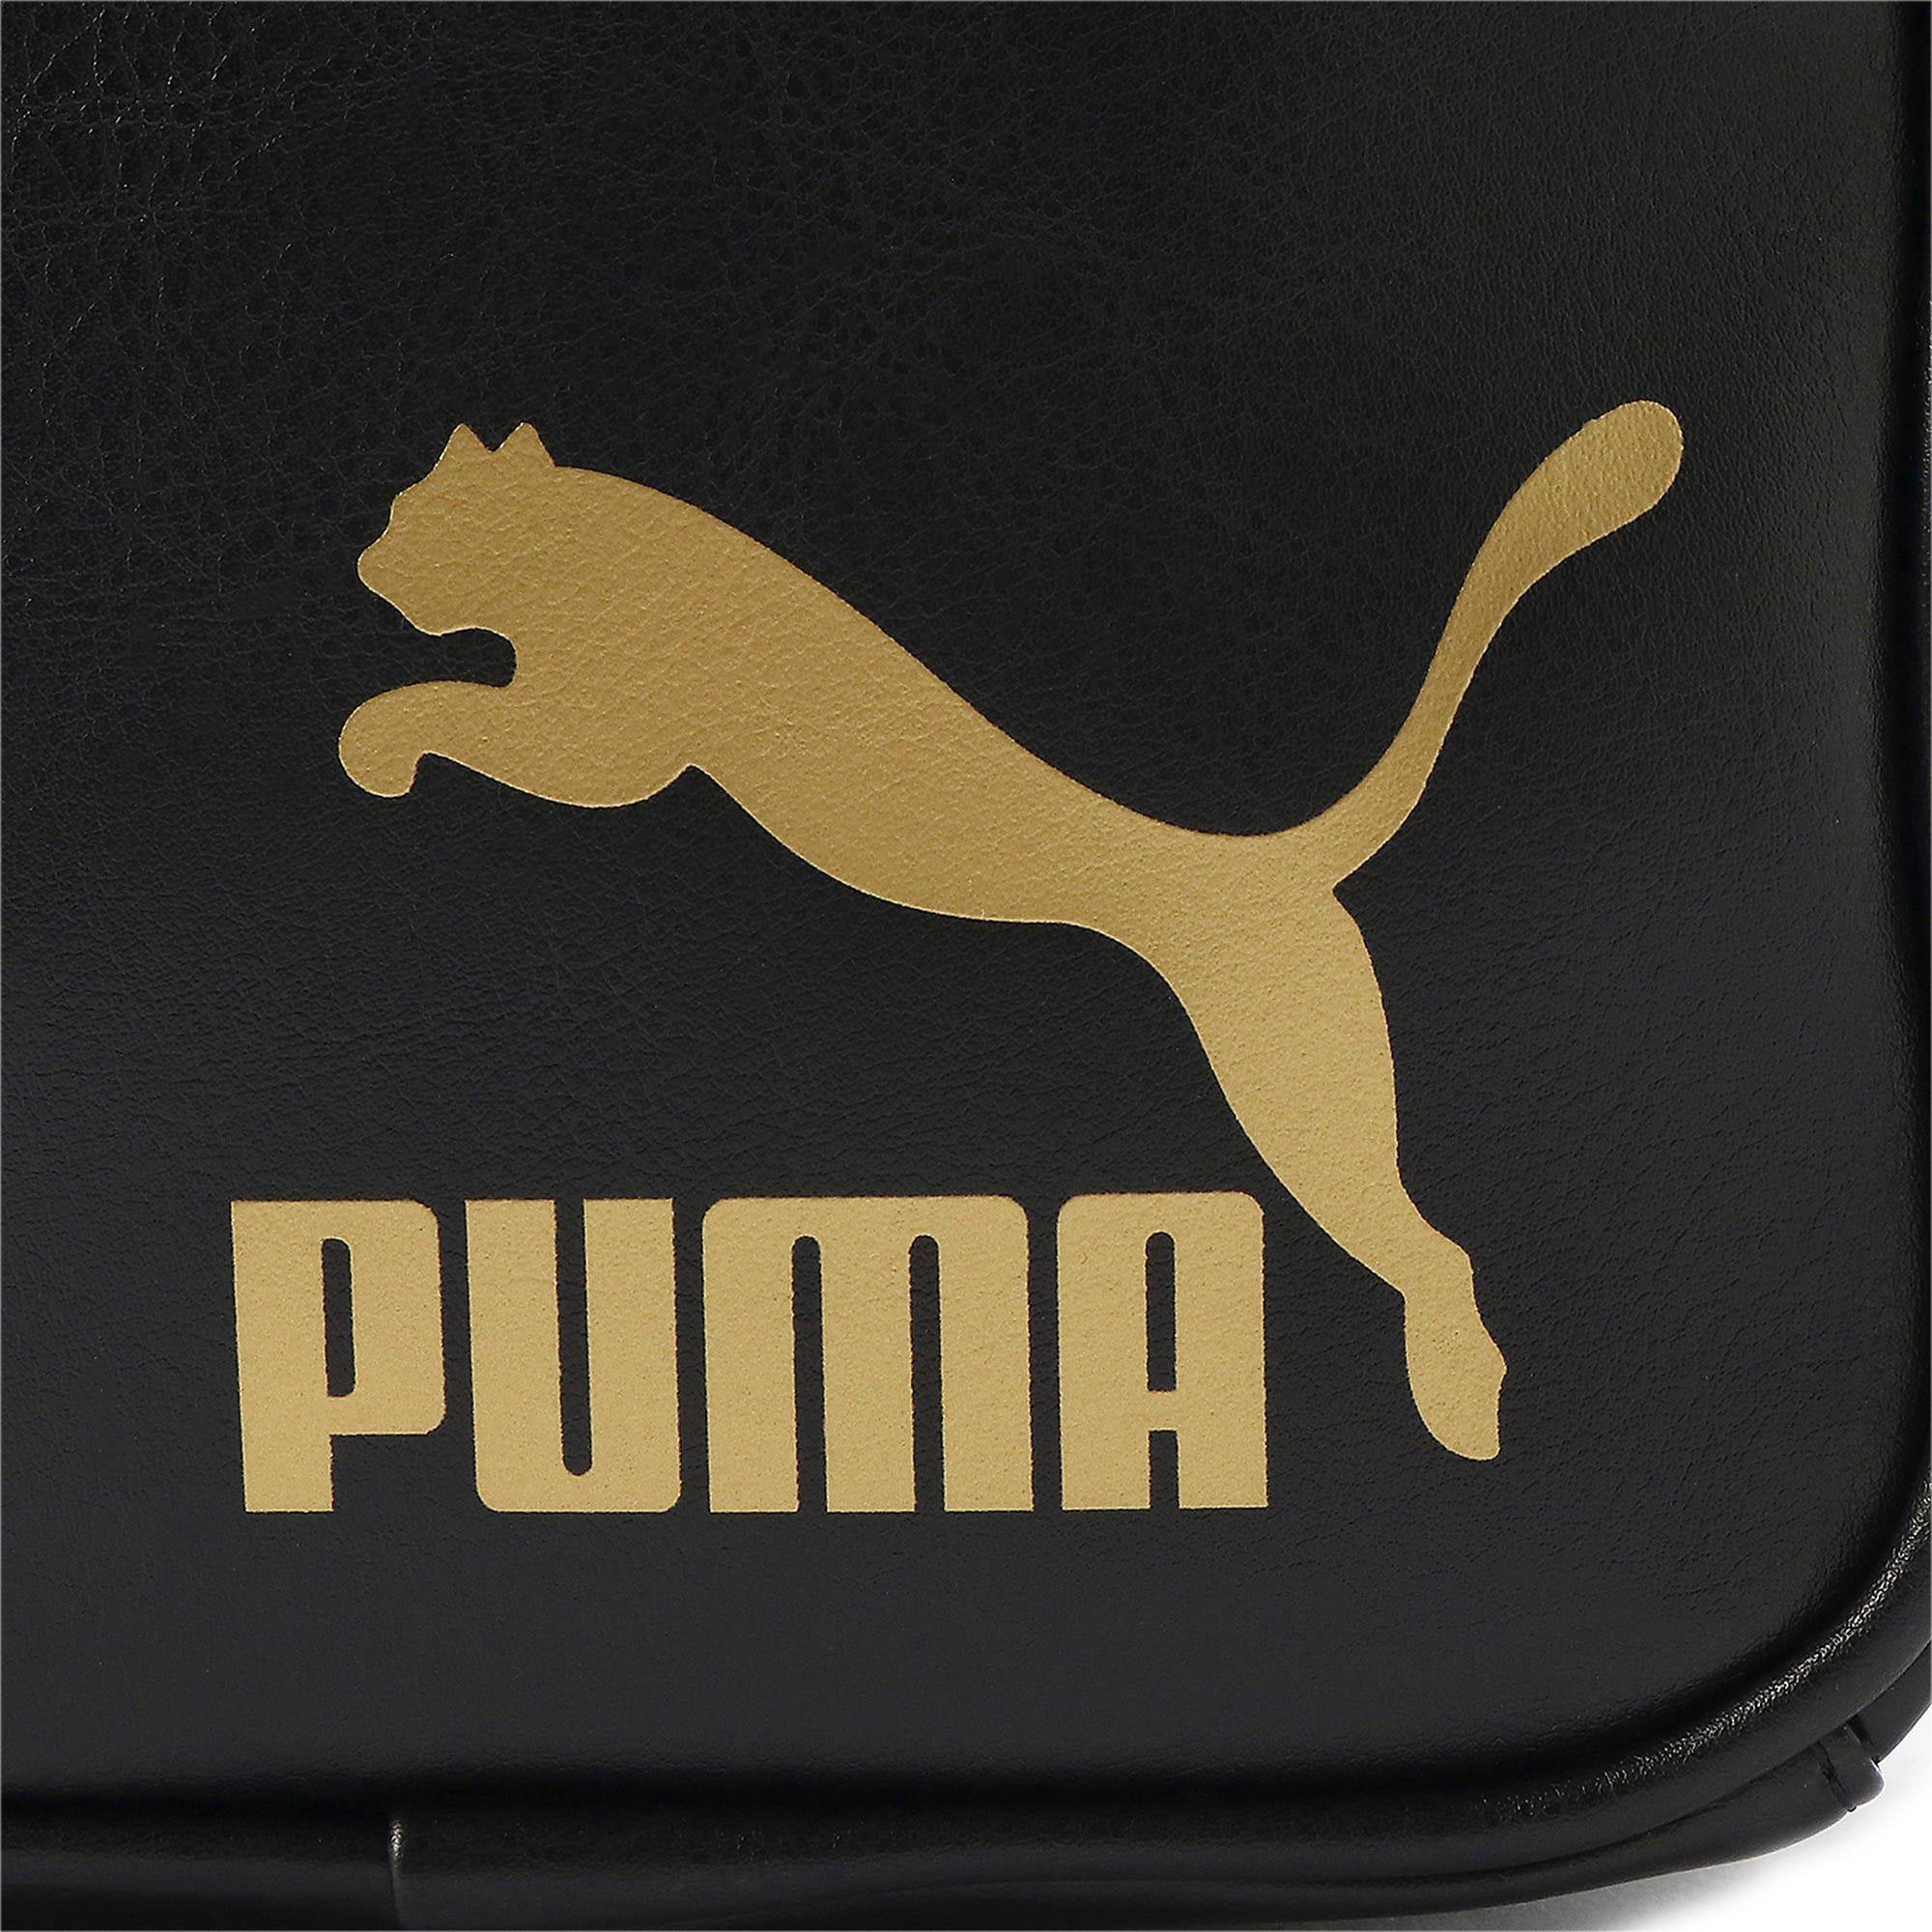 Thumbnail 5 of オリジナルス ポータブル レトロ 2L, Puma Black, medium-JPN